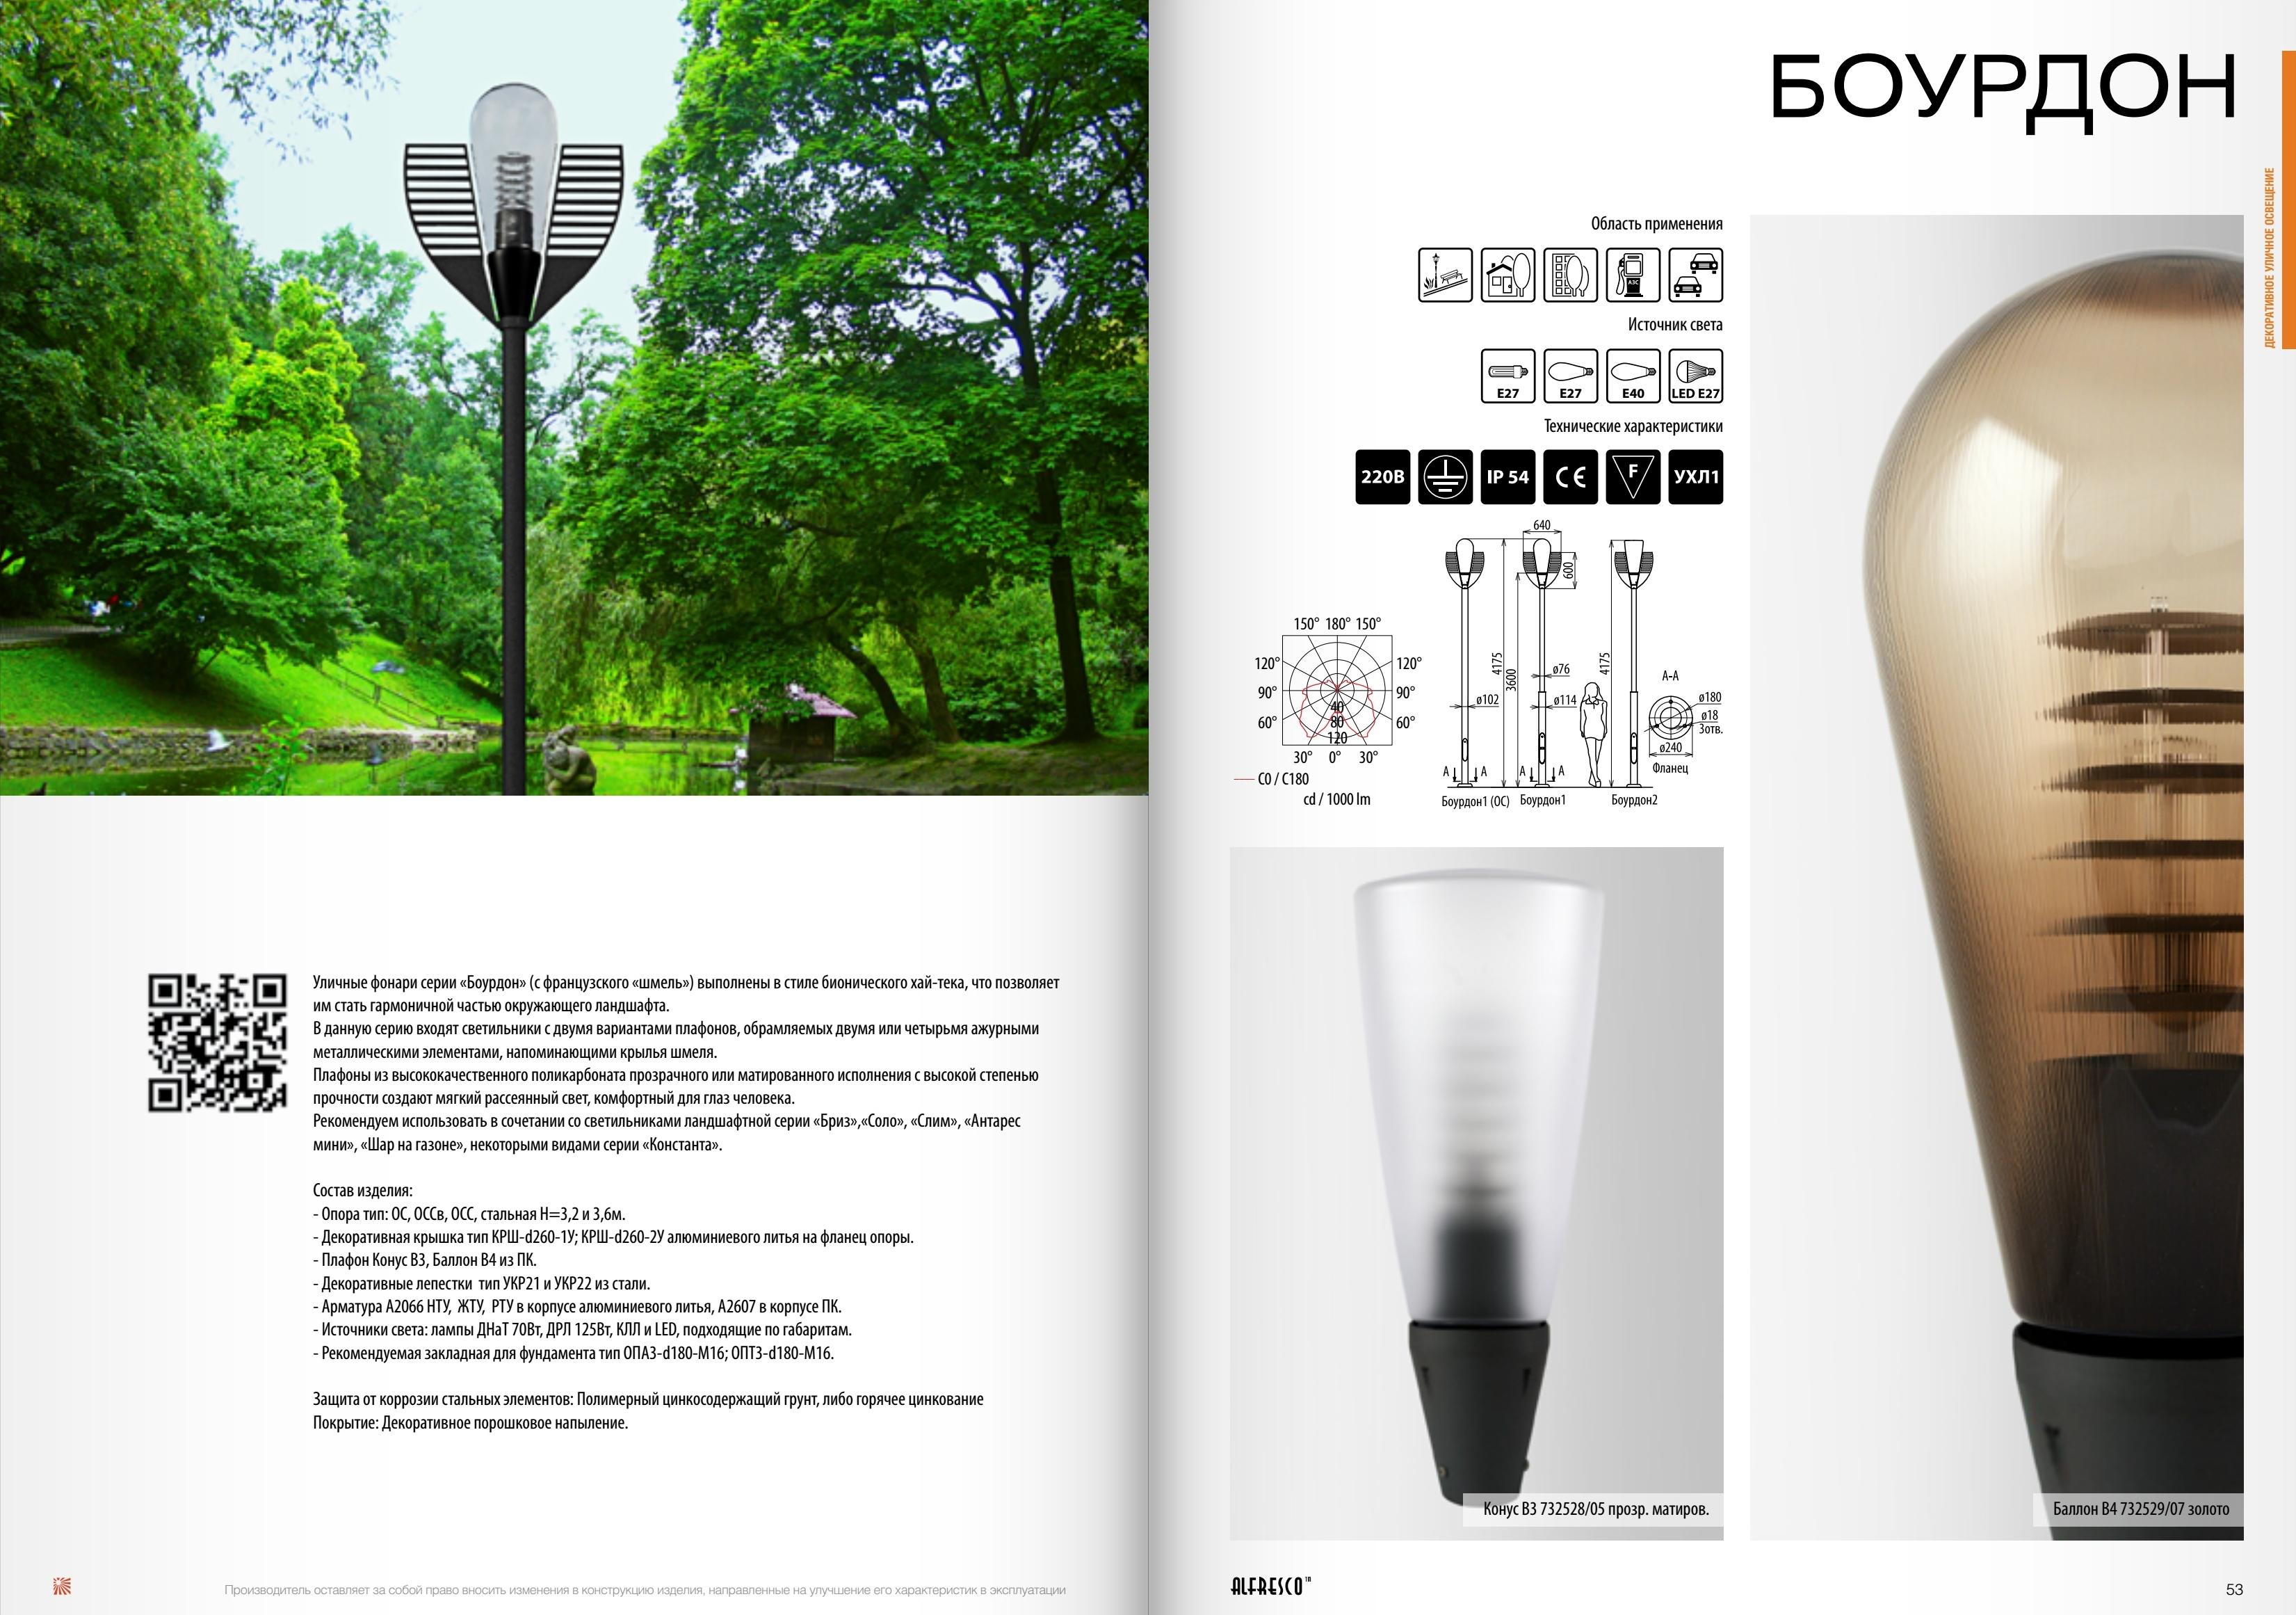 Уличные фонари серии «Боурдон» (с французского «шмель») выполнены в стиле бионического хай-тека